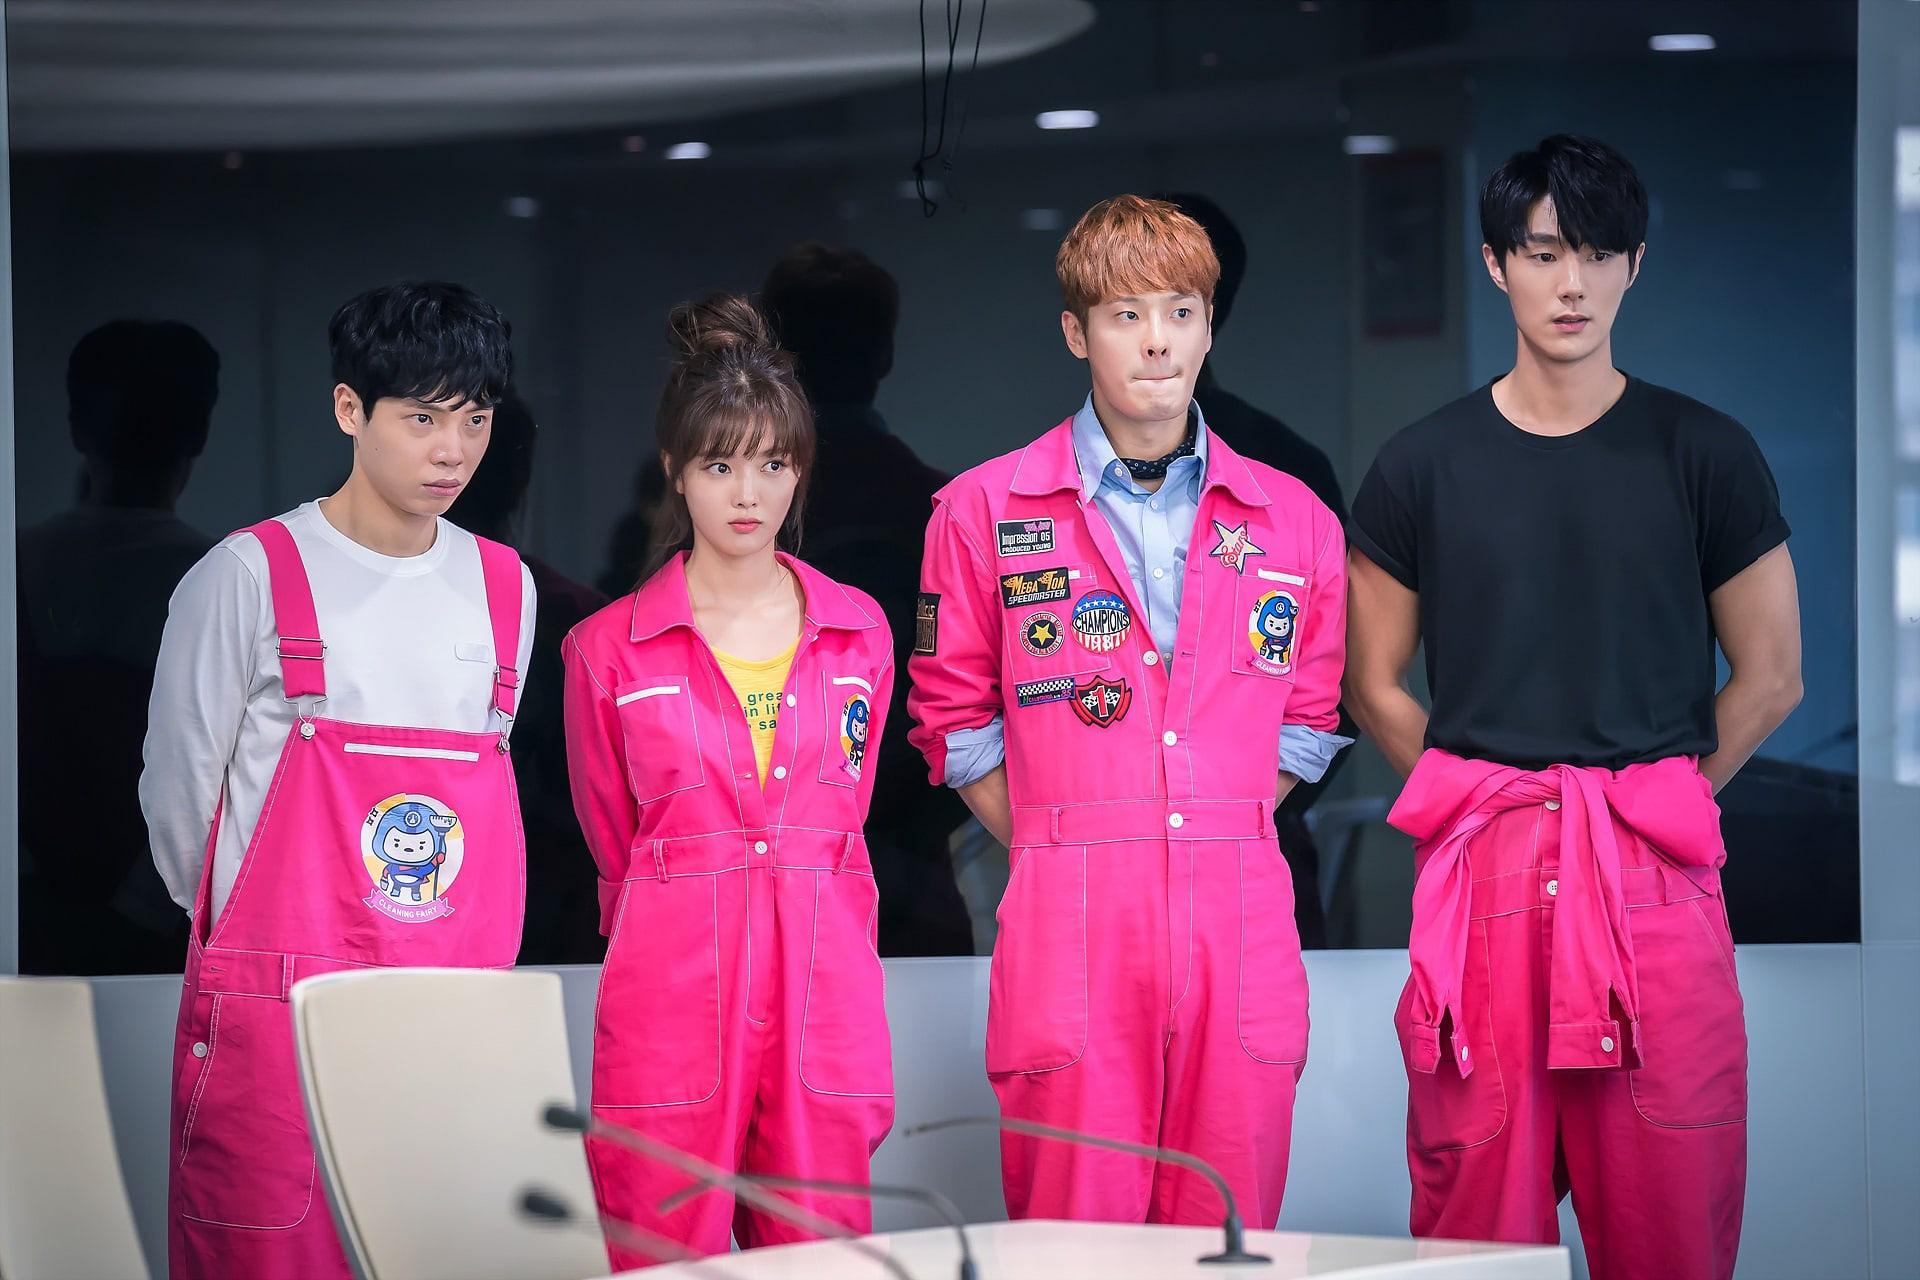 Nam diễn viên bạc mệnh Cha In Ha: Từng kì vọng sẽ kế nhiệm Seo Kang Joon, gia tài phim ảnh nhiều vai ấn tượng - Ảnh 6.